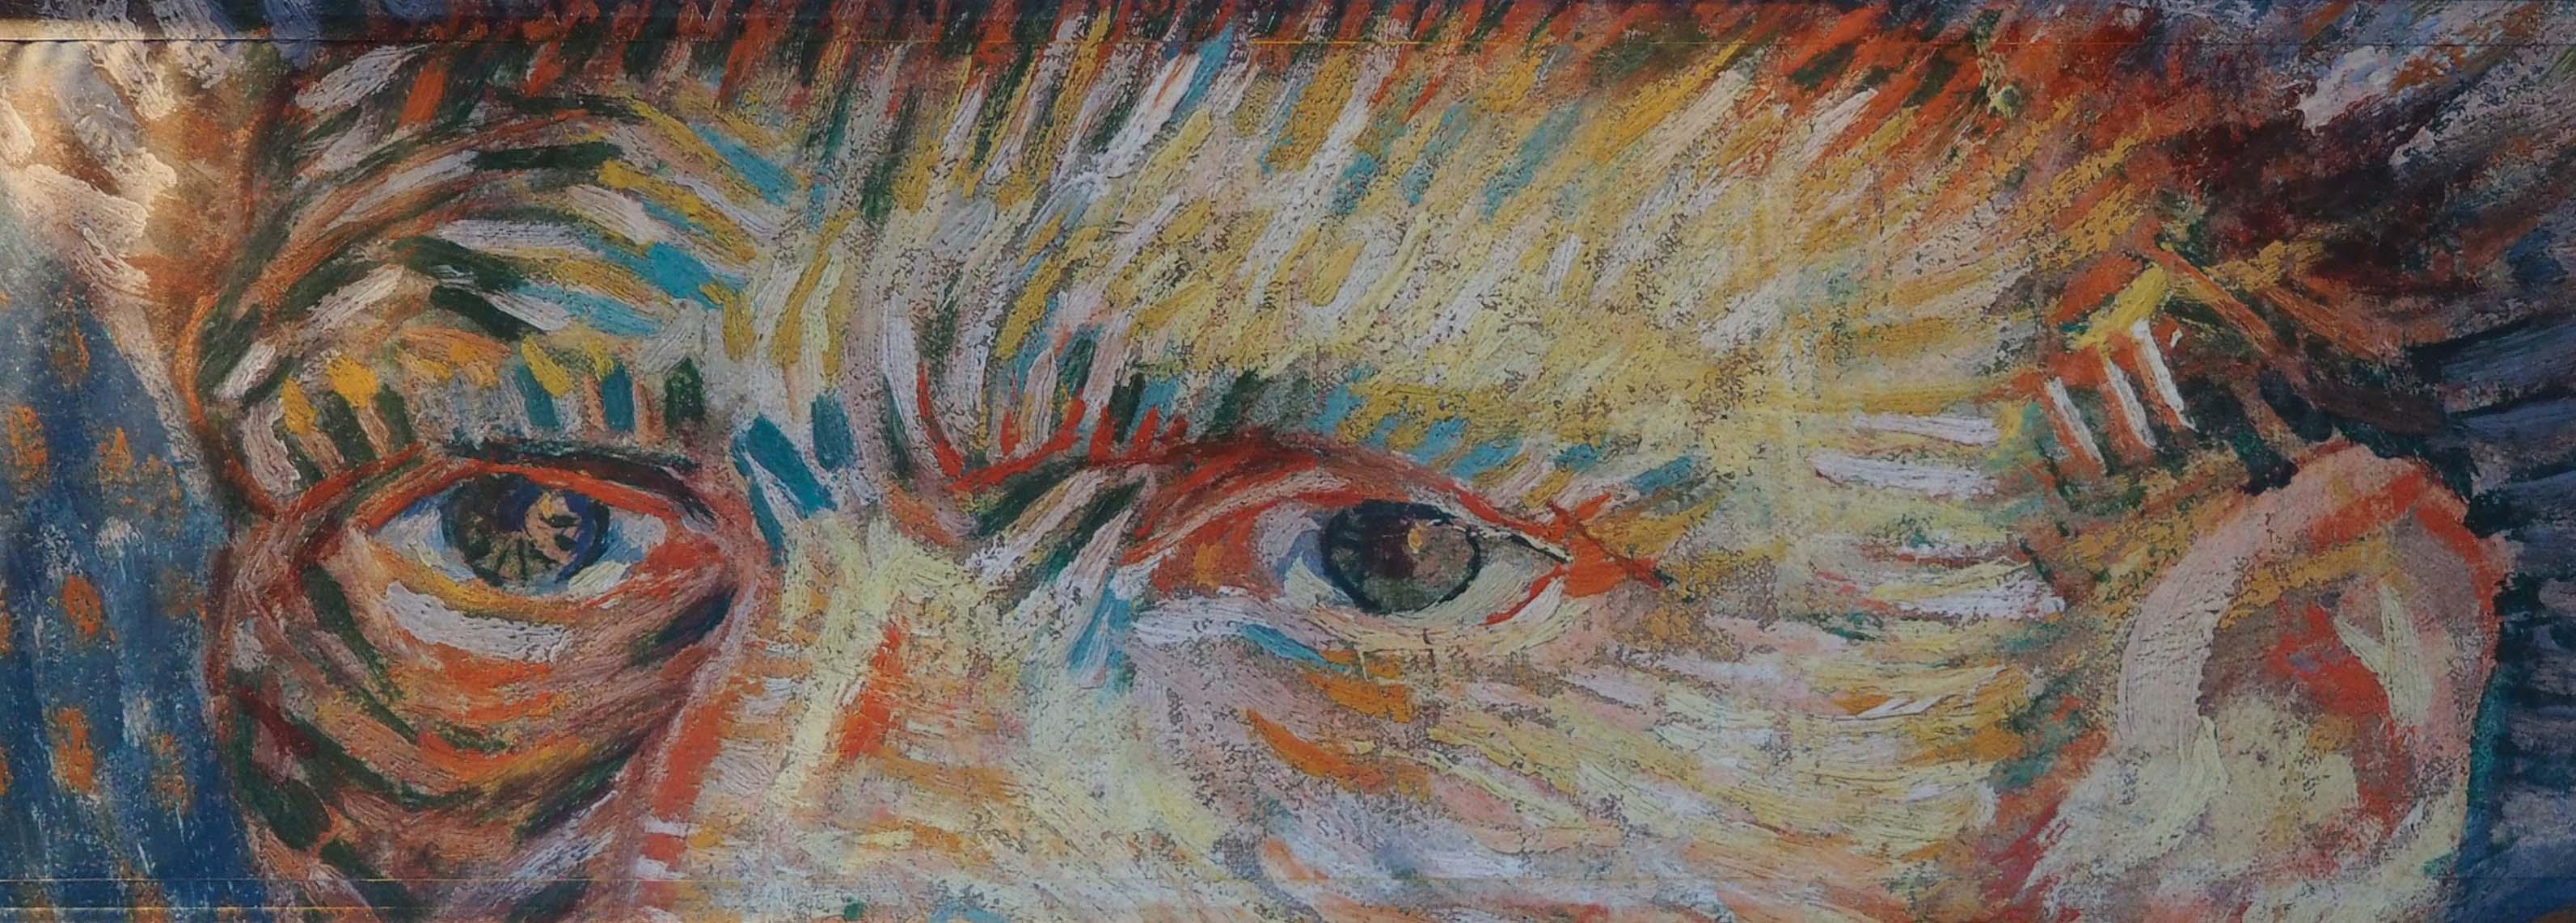 Kröller Müller Museum op de Hoge Veluwe viert Van Gogh jaar 2015 met Van Gogh & Co